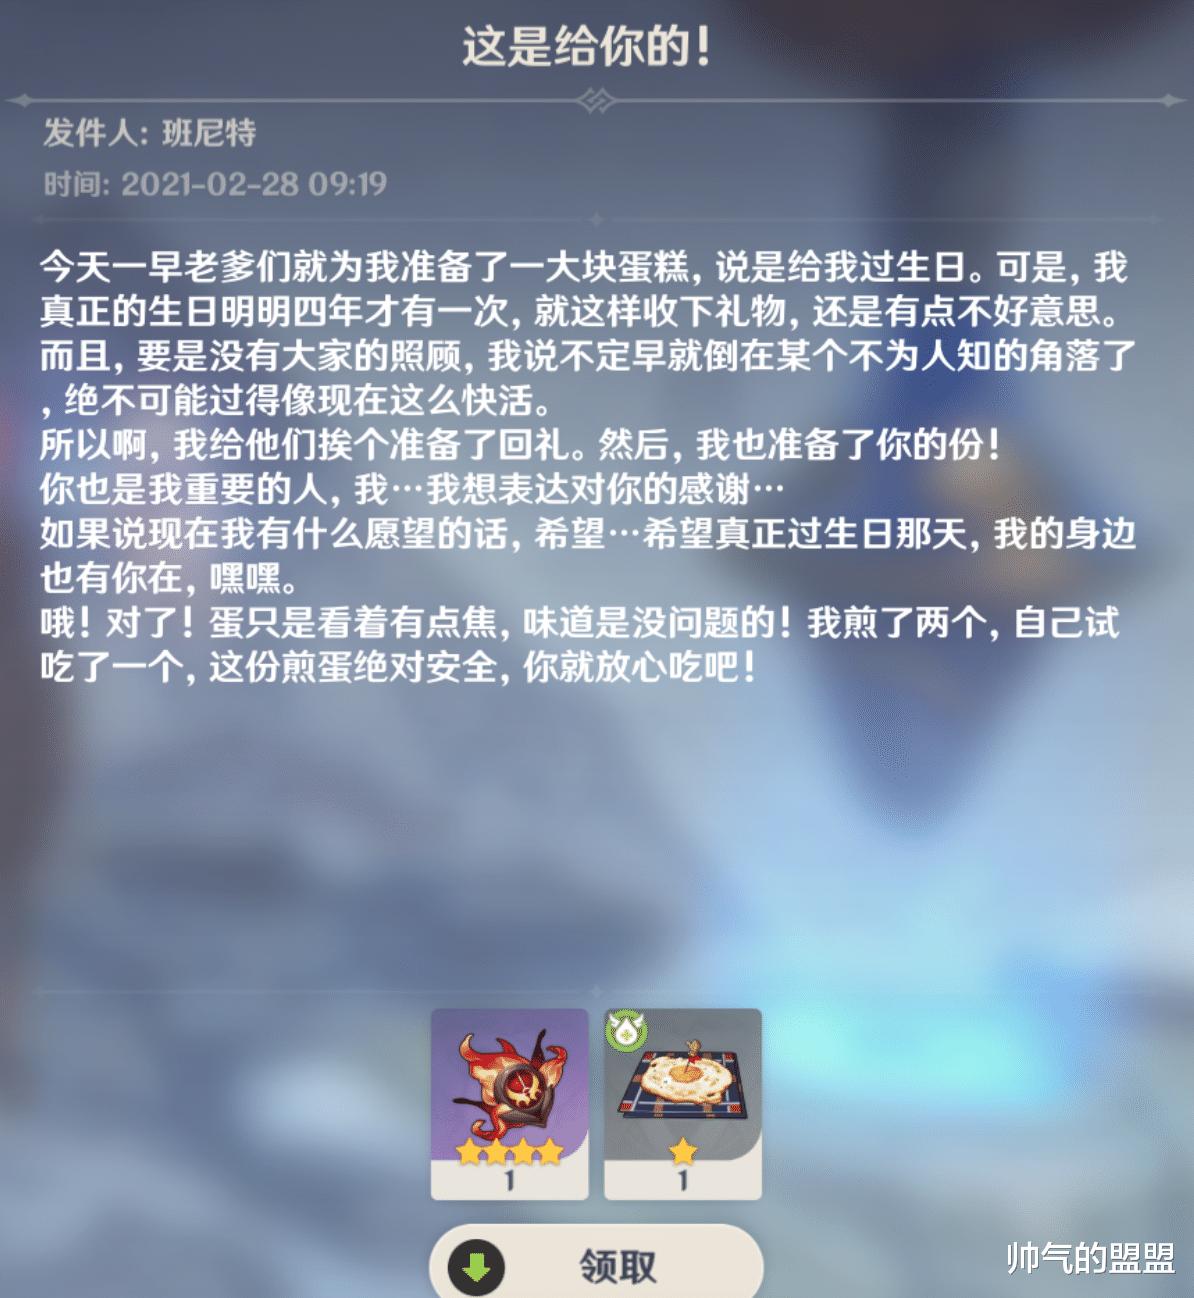 """《【煜星在线注册】《原神》六星角色班尼特过生日,玩家收到一份""""硬核""""礼物!》"""